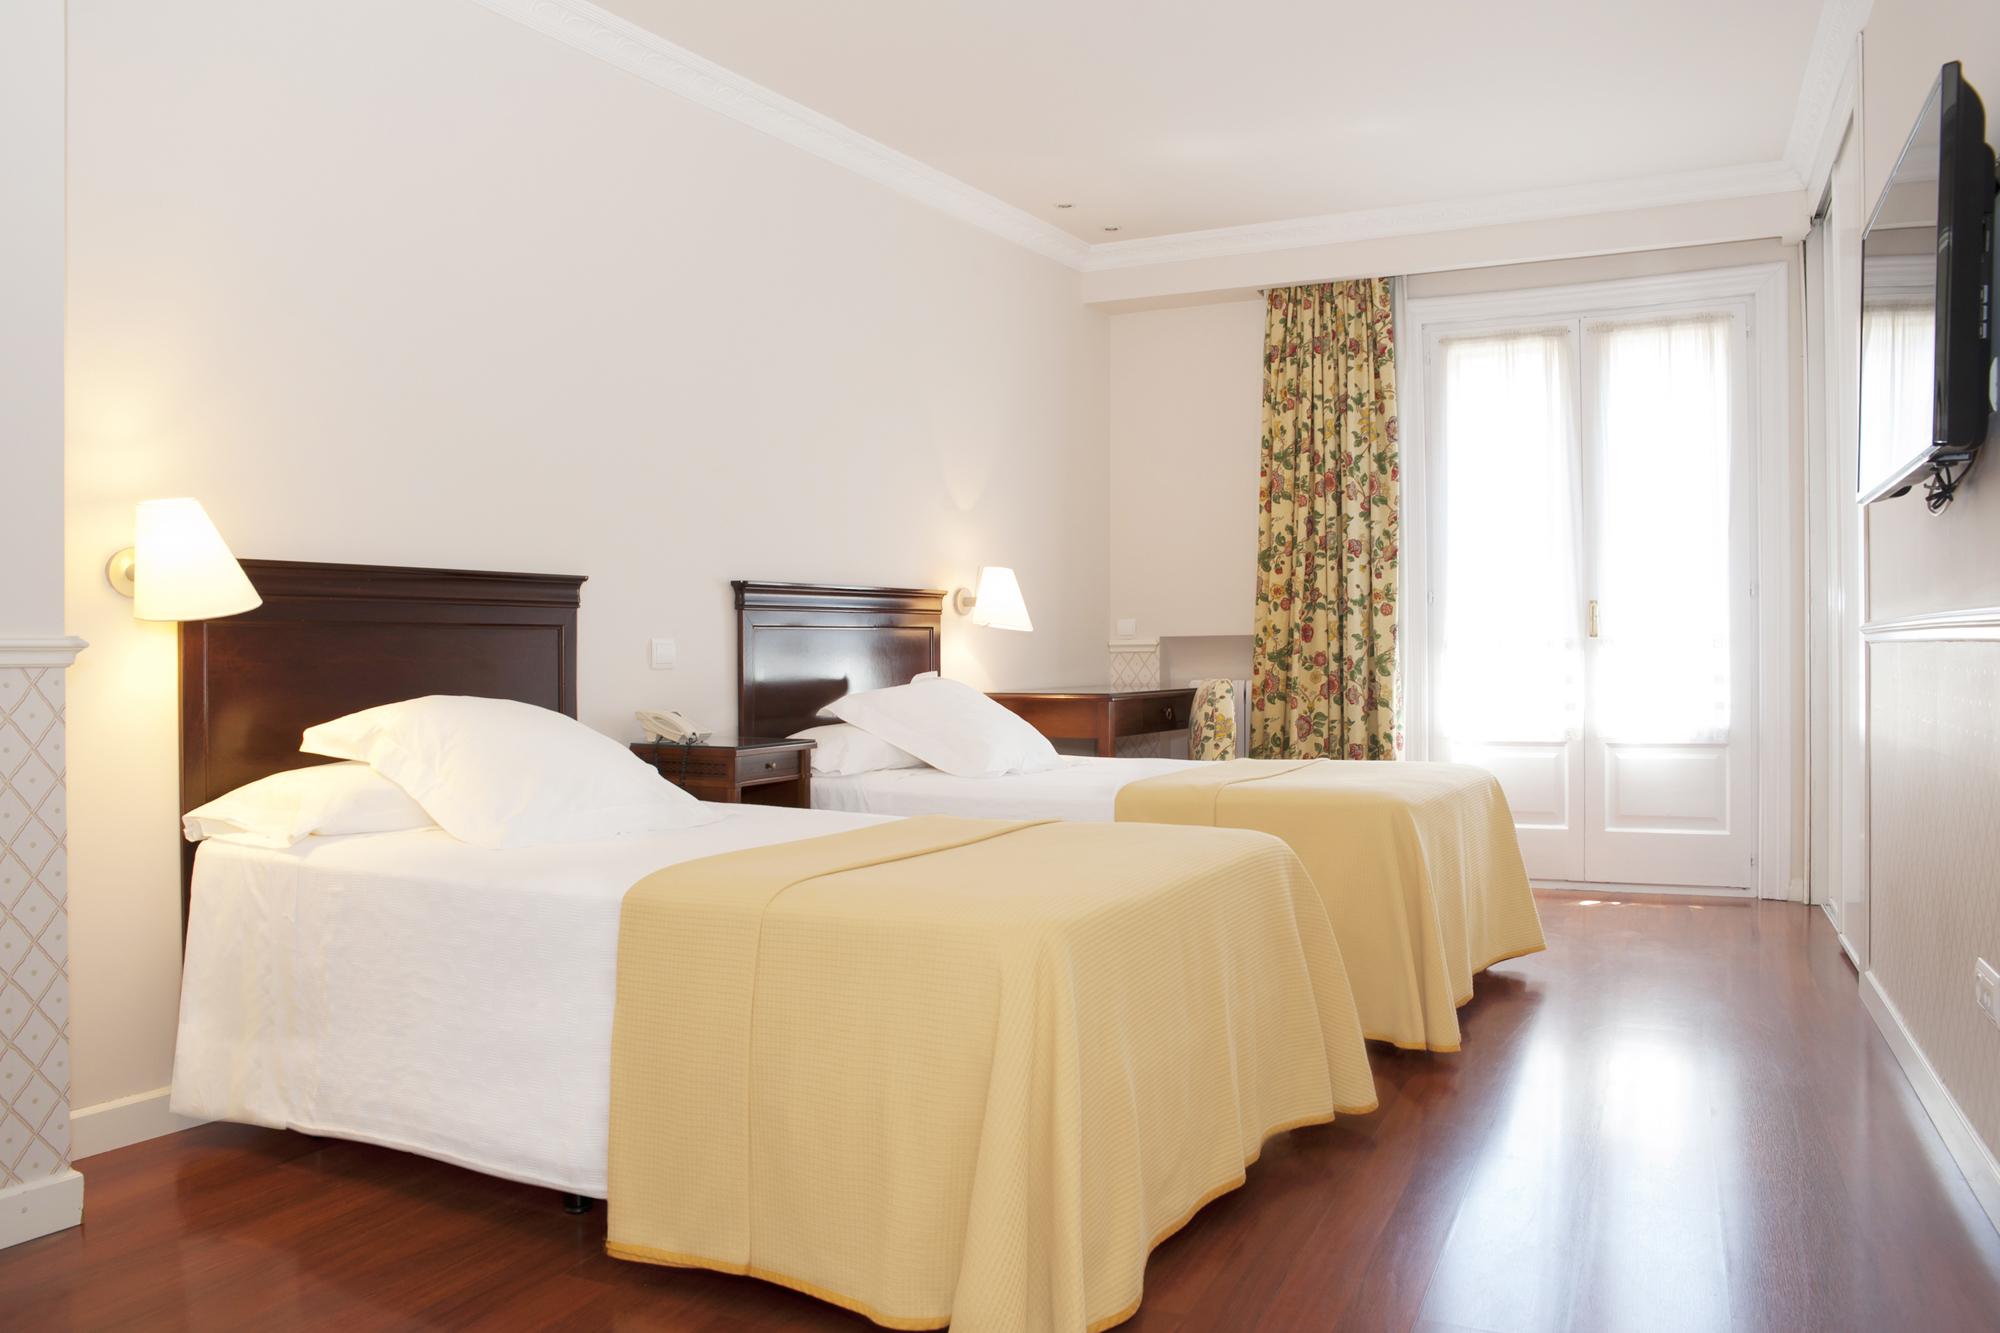 Habitaci n doble en el centro de zaragoza hotel sauce for Habitacion doble